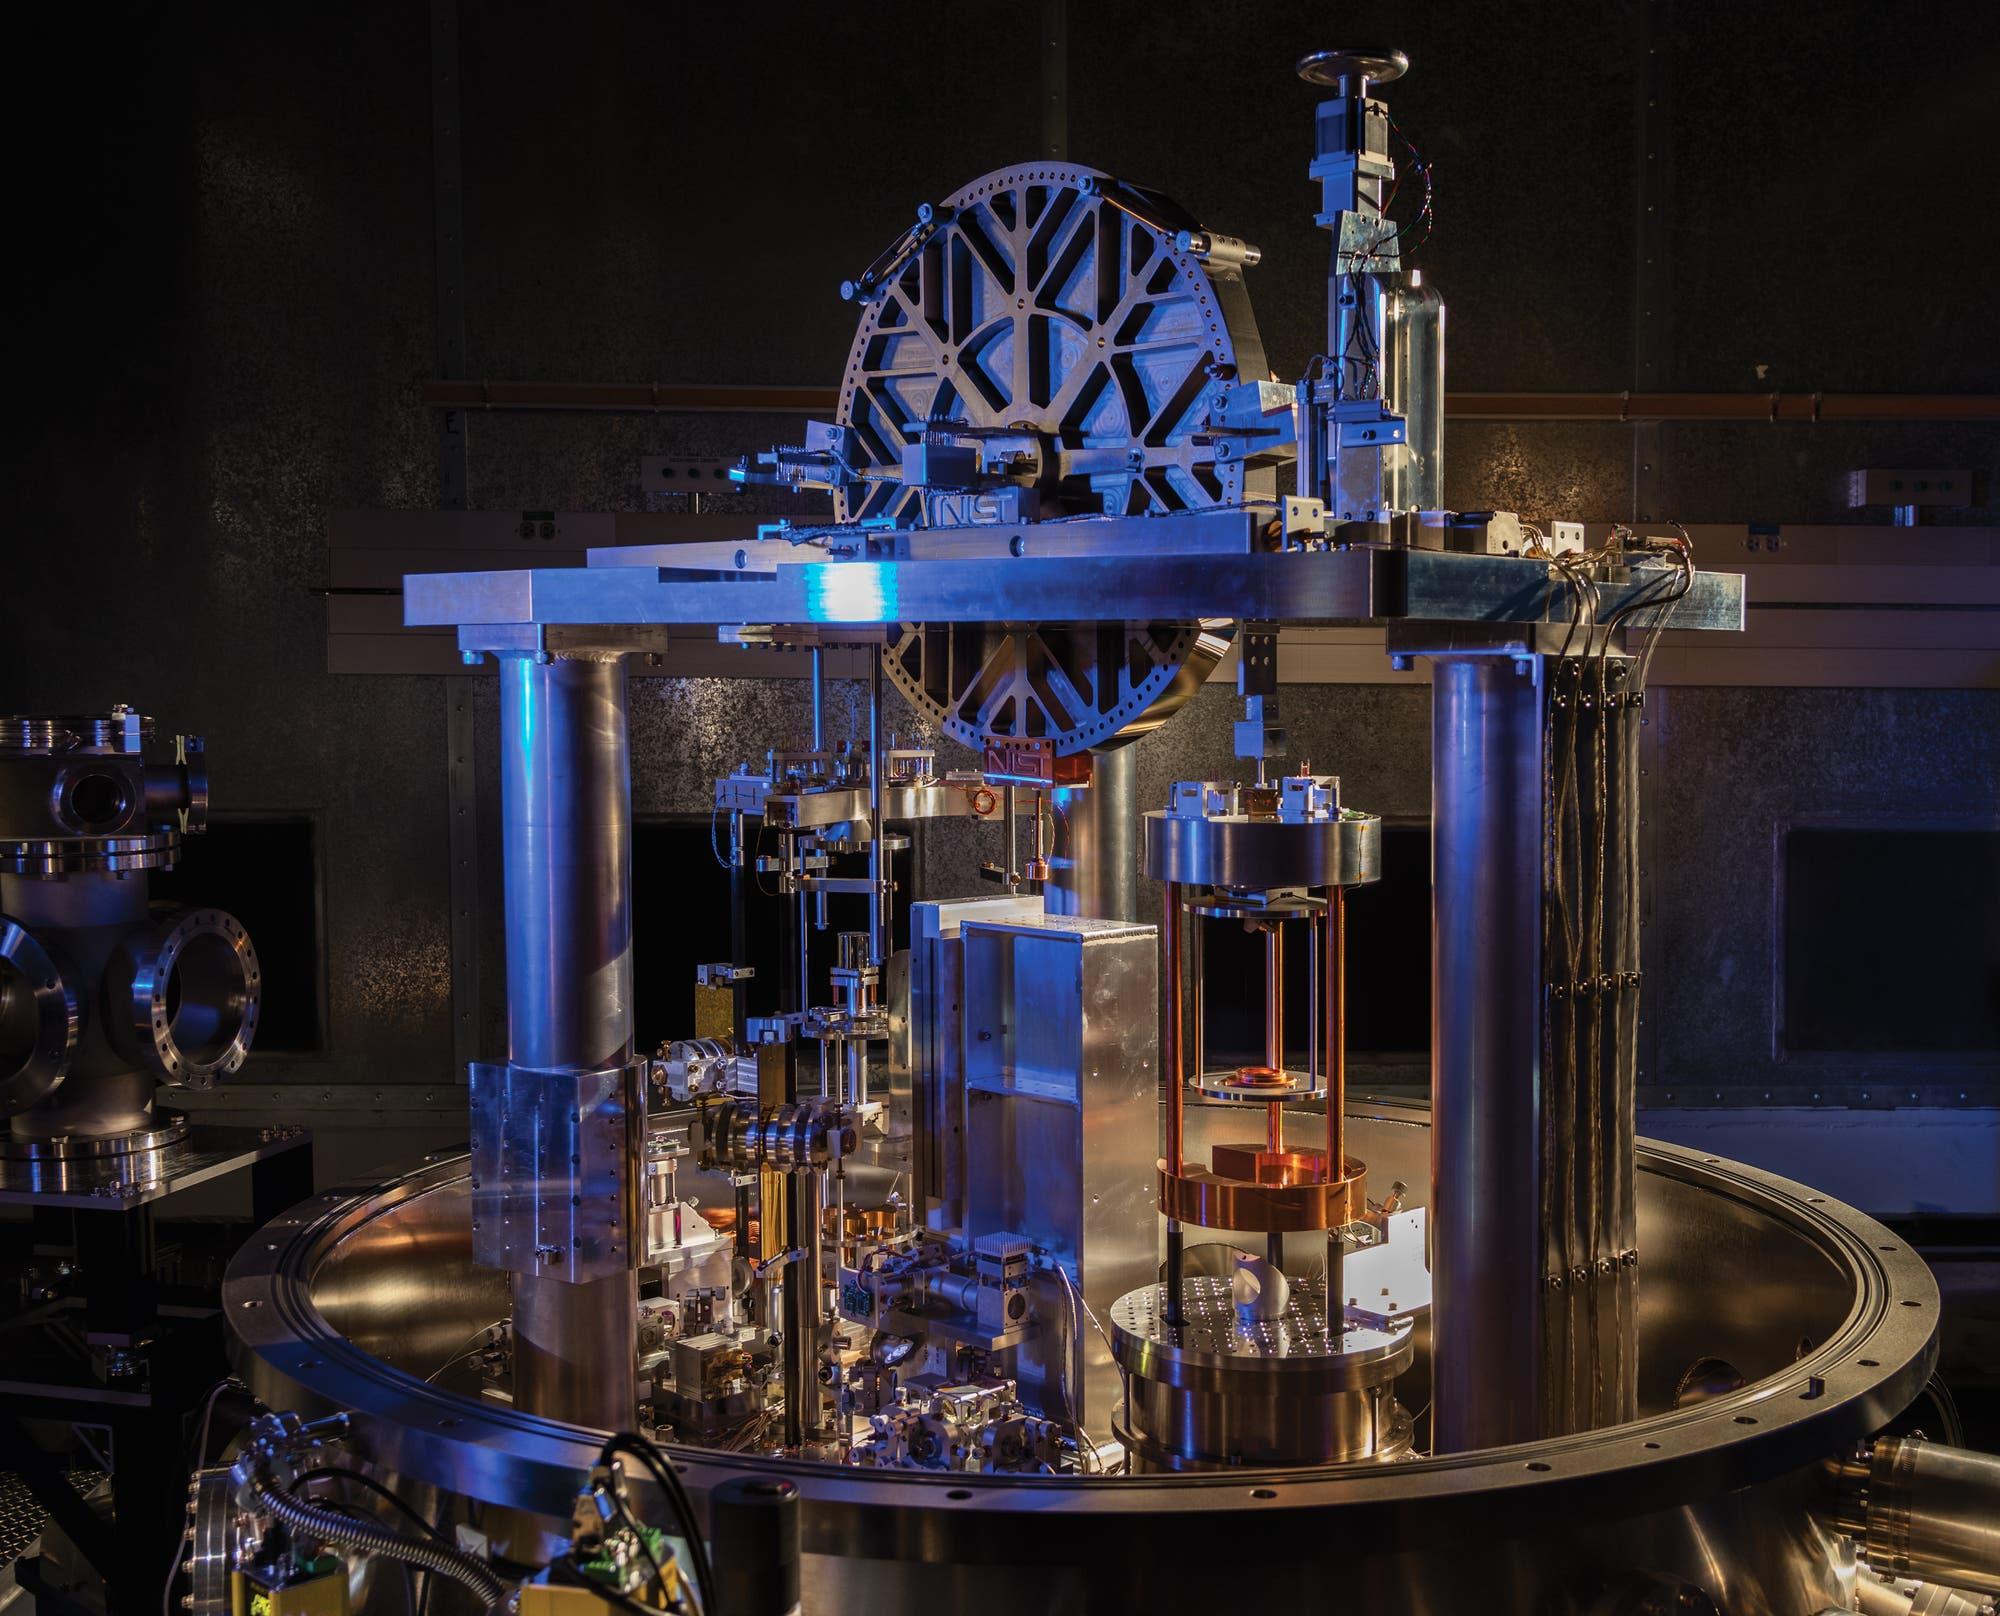 Die Wattwaage wird auch Kibble-Waage genannt und erlaubt den Vergleich elektrischer und mechanischer Kräfte